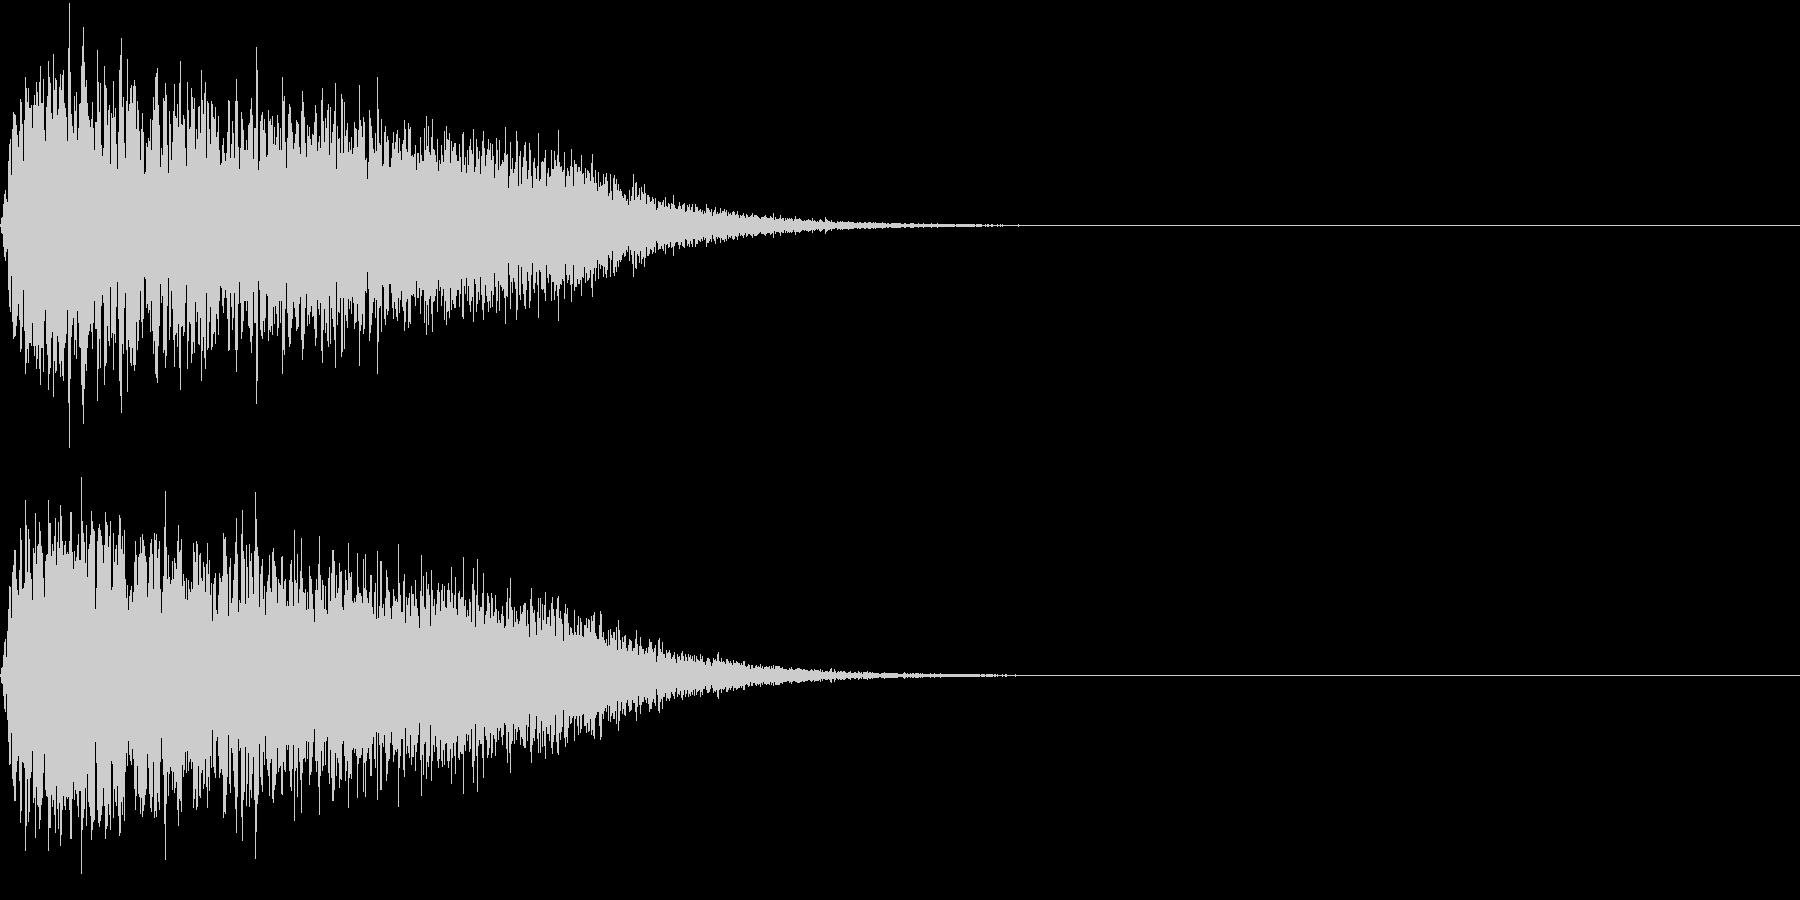 キュイン ボタン ピキーン キーン 16の未再生の波形